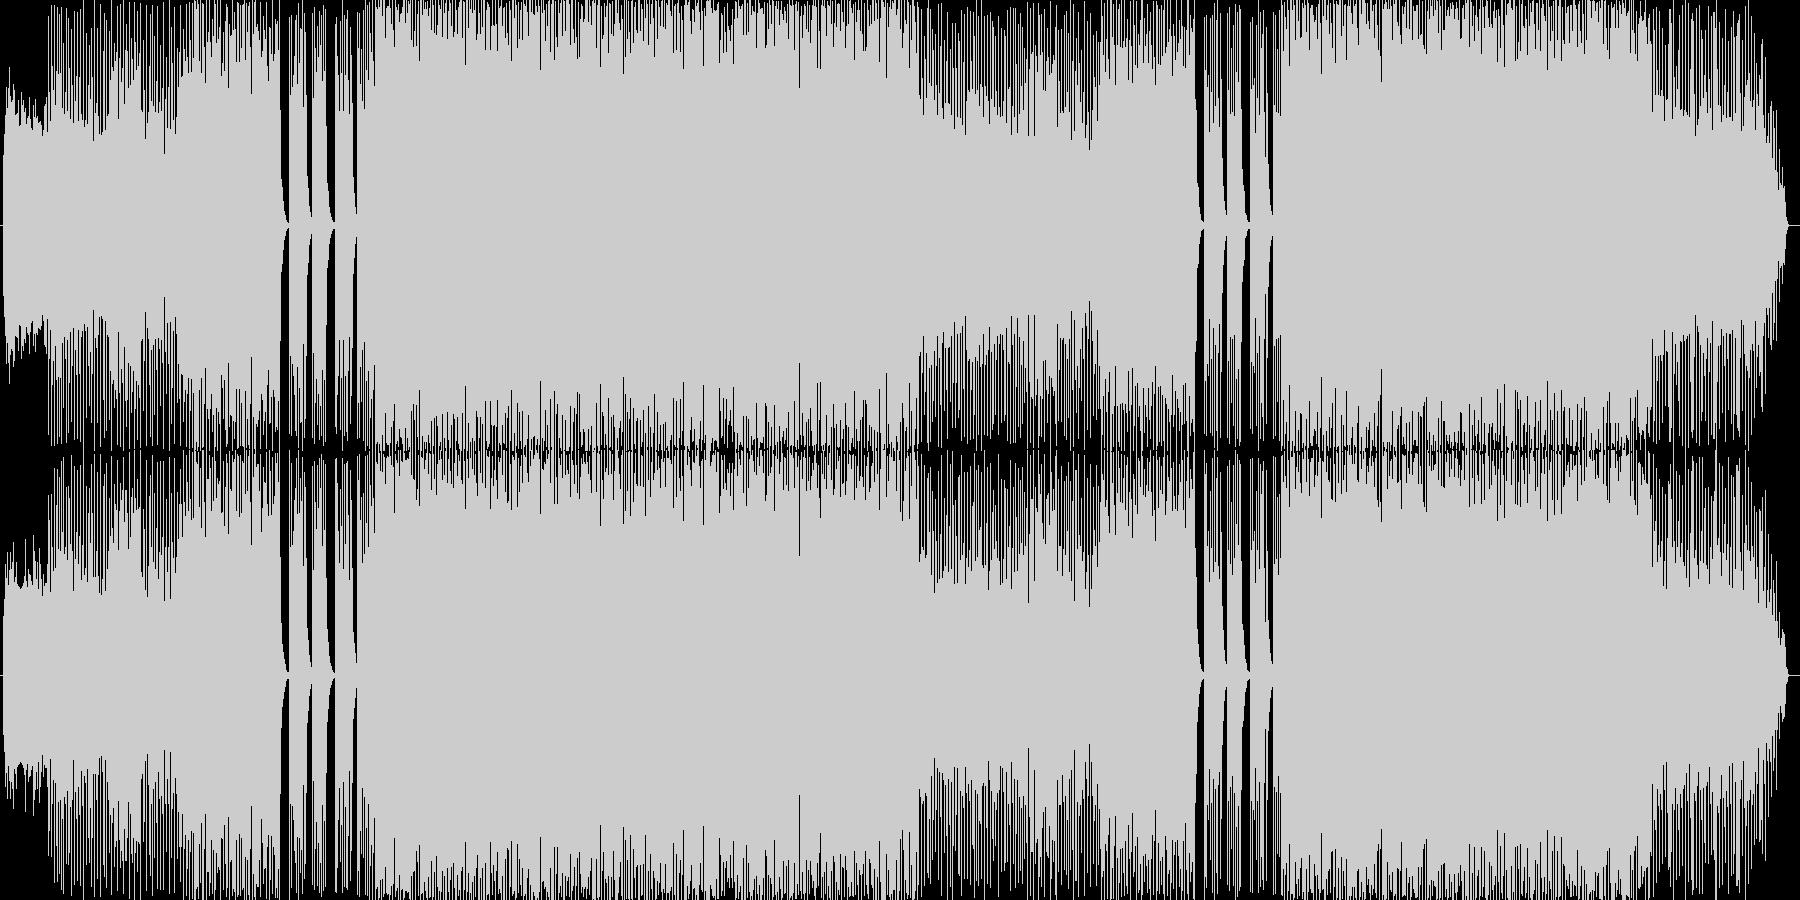 『あけがた、又は、よあけ』のイメージ…の未再生の波形